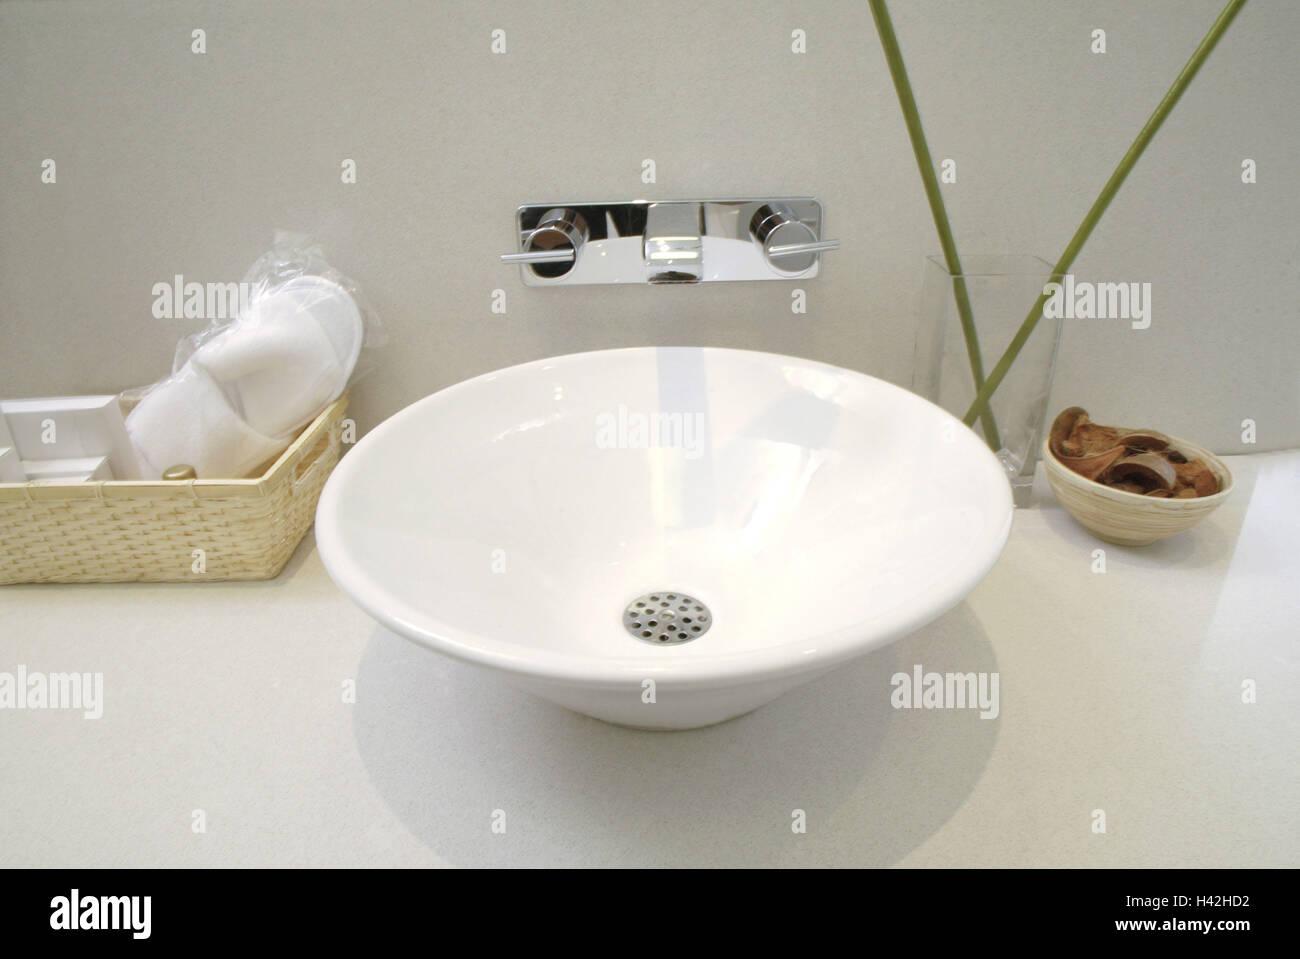 Badezimmer Waschtisch Spule Armatur Dekoration Bad Blumen